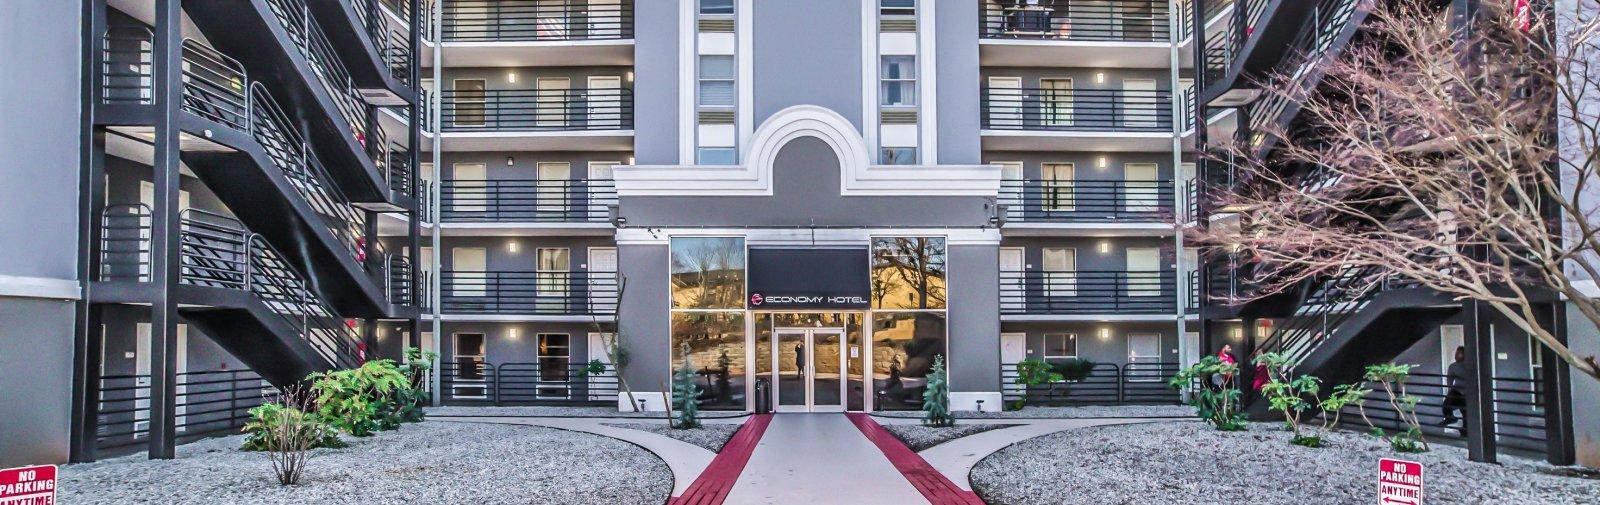 Economy Hotel Marietta